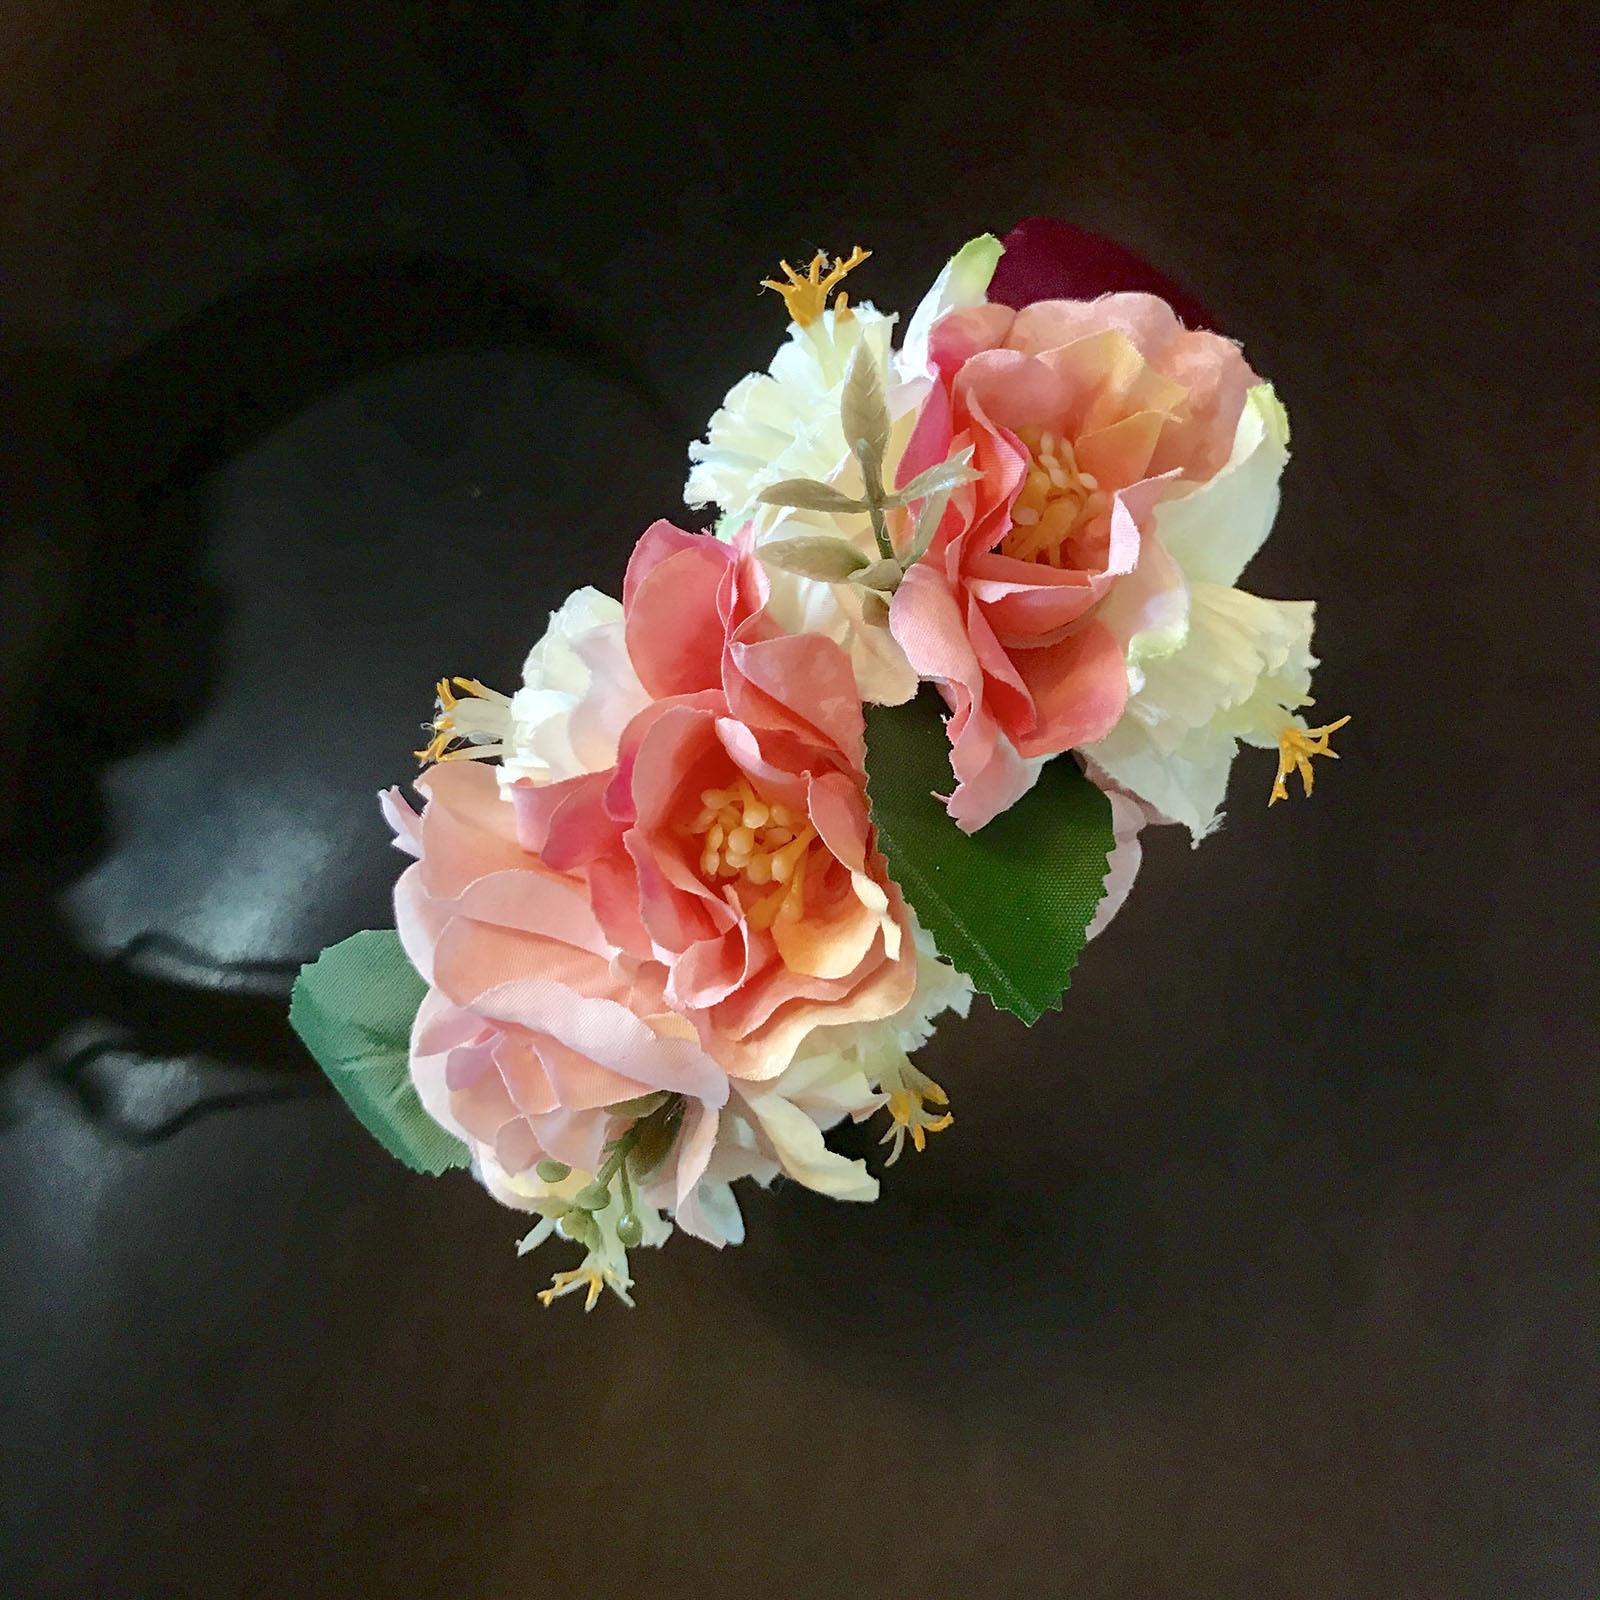 plauku geliu lankelis ranu darbo dovanos moterims merginoms panelems ziedlapiu lankeliai dovana mergvakario lankelis aksesuarai papuosalai moterims 1